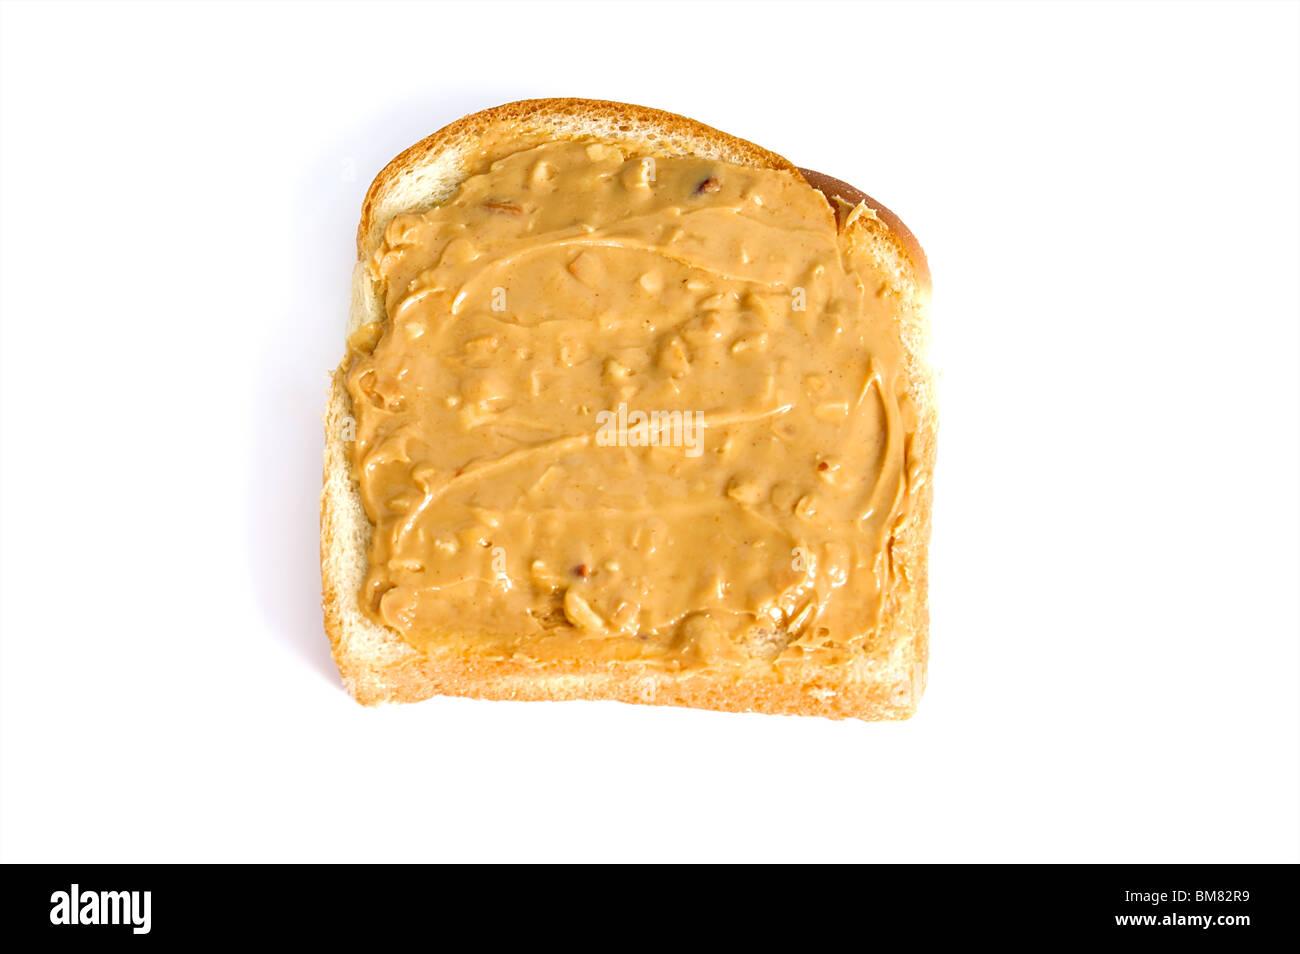 Un beurre d'arachide croquant sandwich fait avec du pain blanc est sur fond blanc Photo Stock